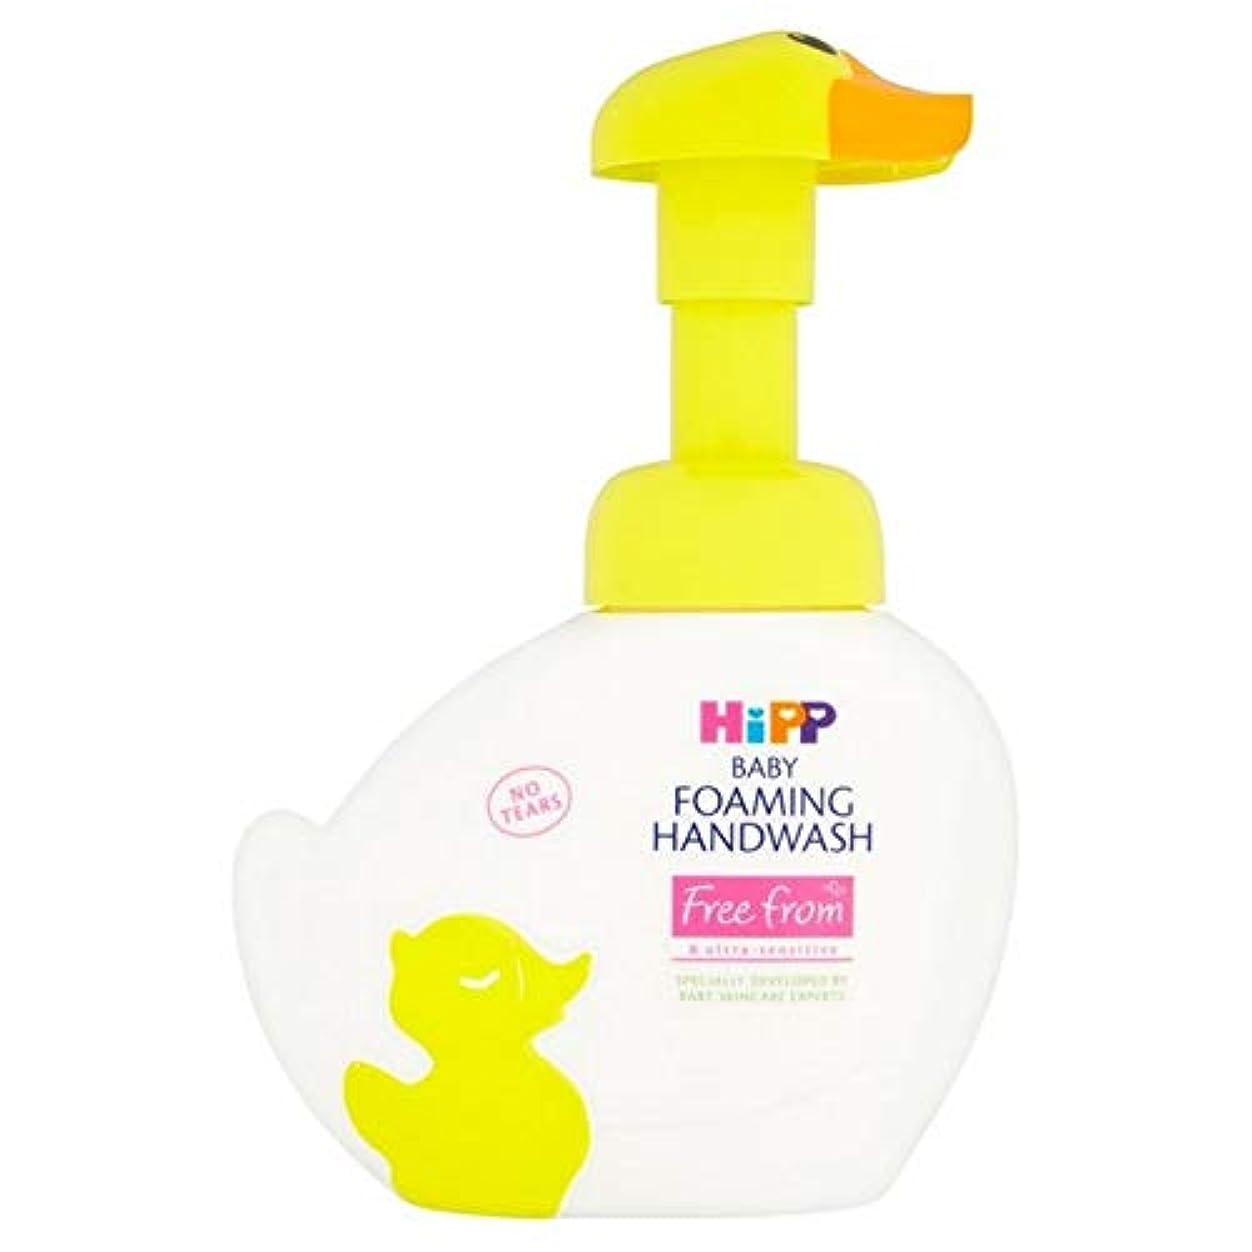 背が高い一般的なアルプス[Hipp ] ヒップアヒル発泡手洗いの250ミリリットル - HiPP Duck Foaming Handwash 250ml [並行輸入品]